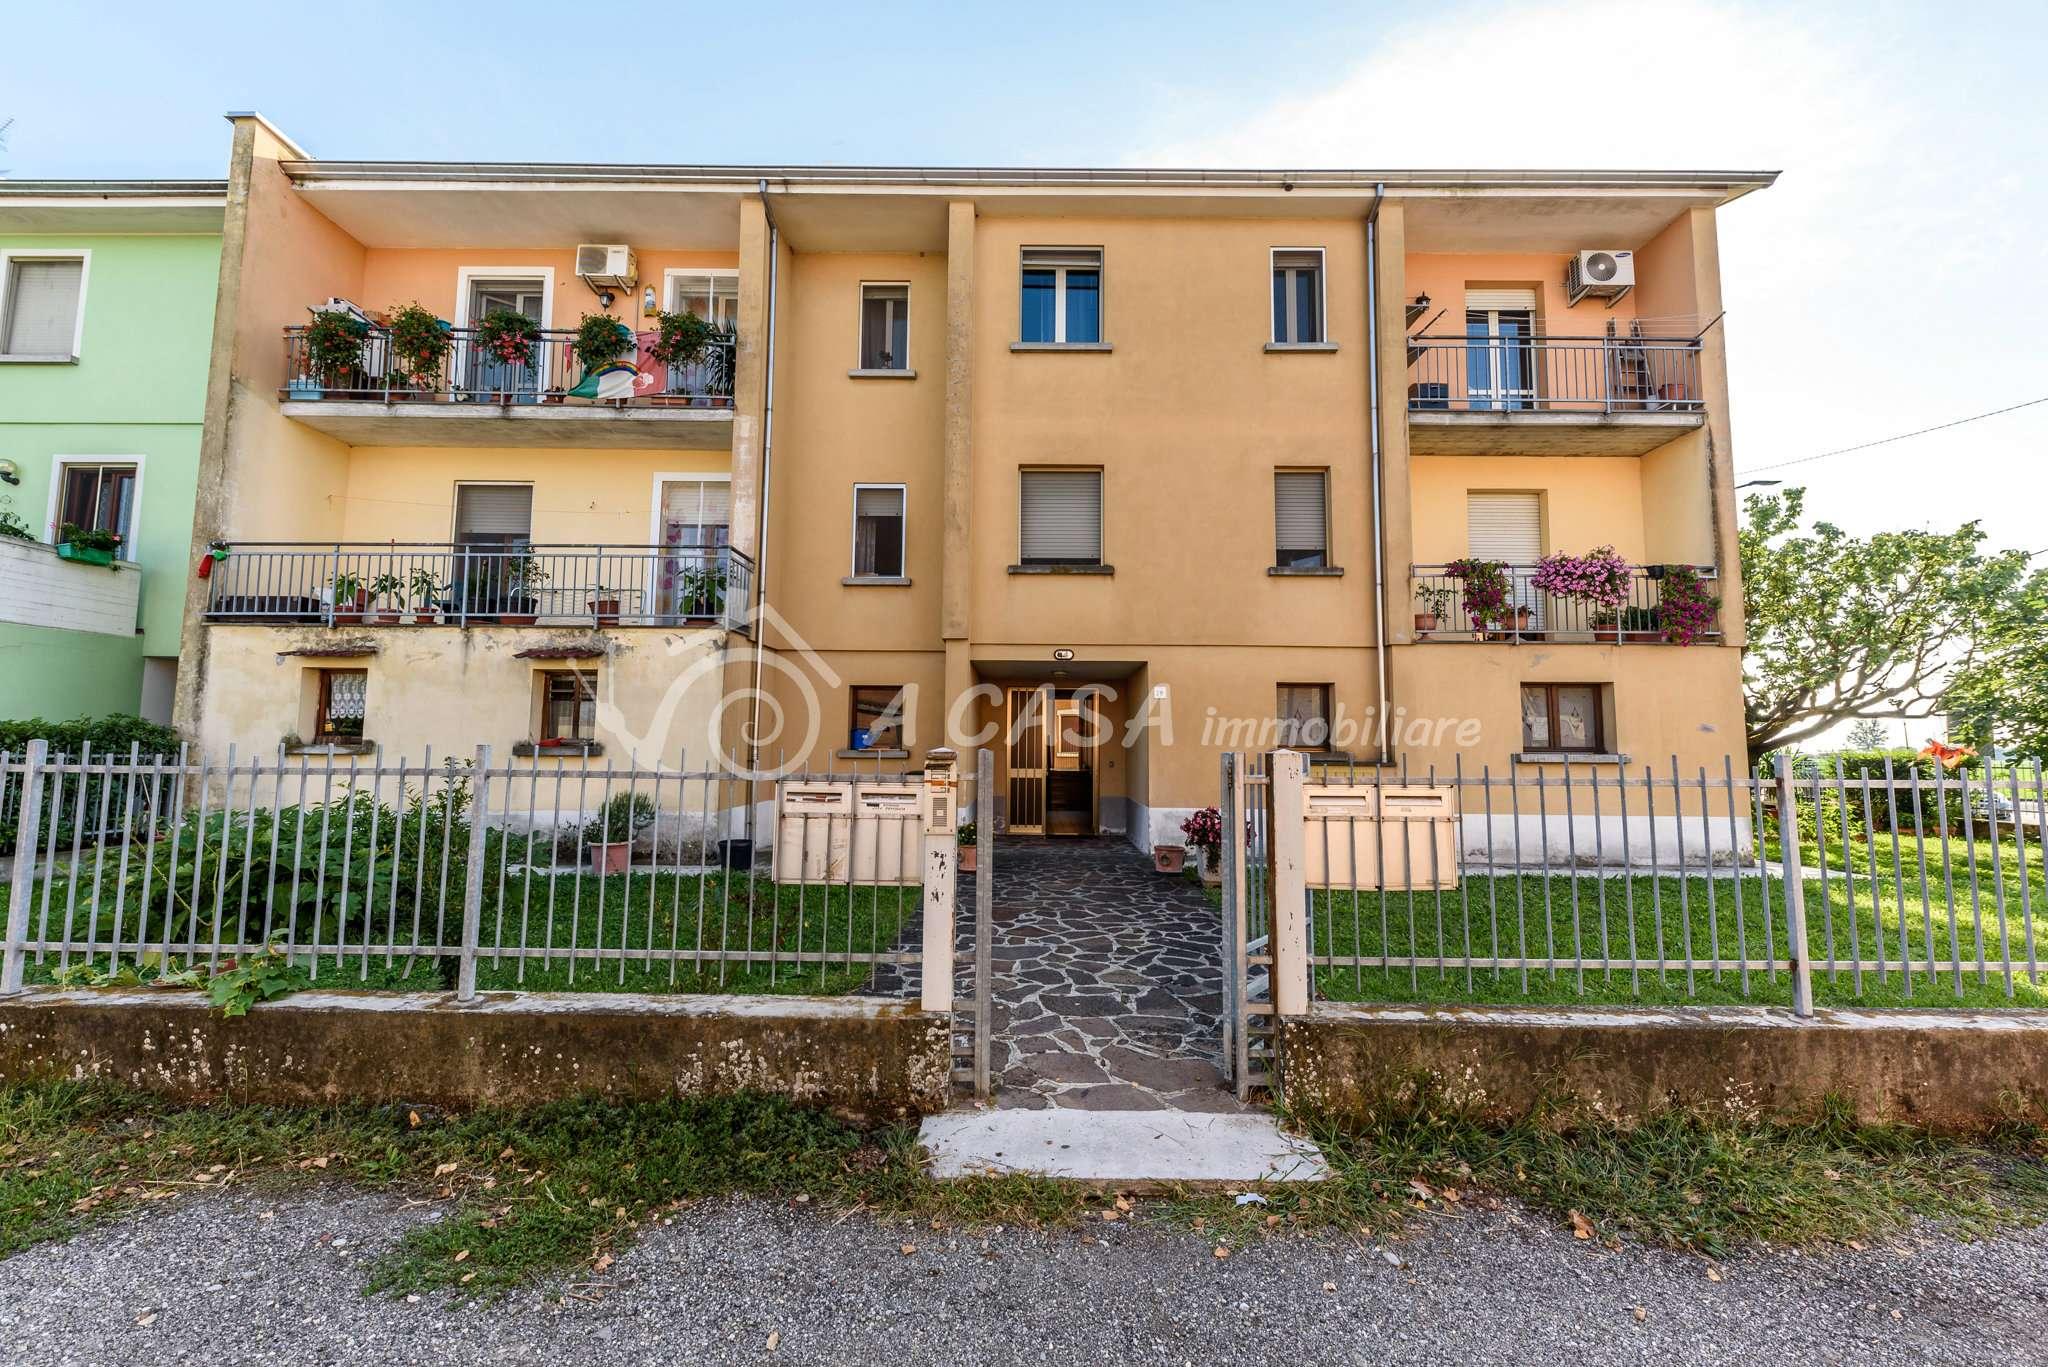 Appartamento in vendita a Soragna, 3 locali, prezzo € 105.000 | CambioCasa.it